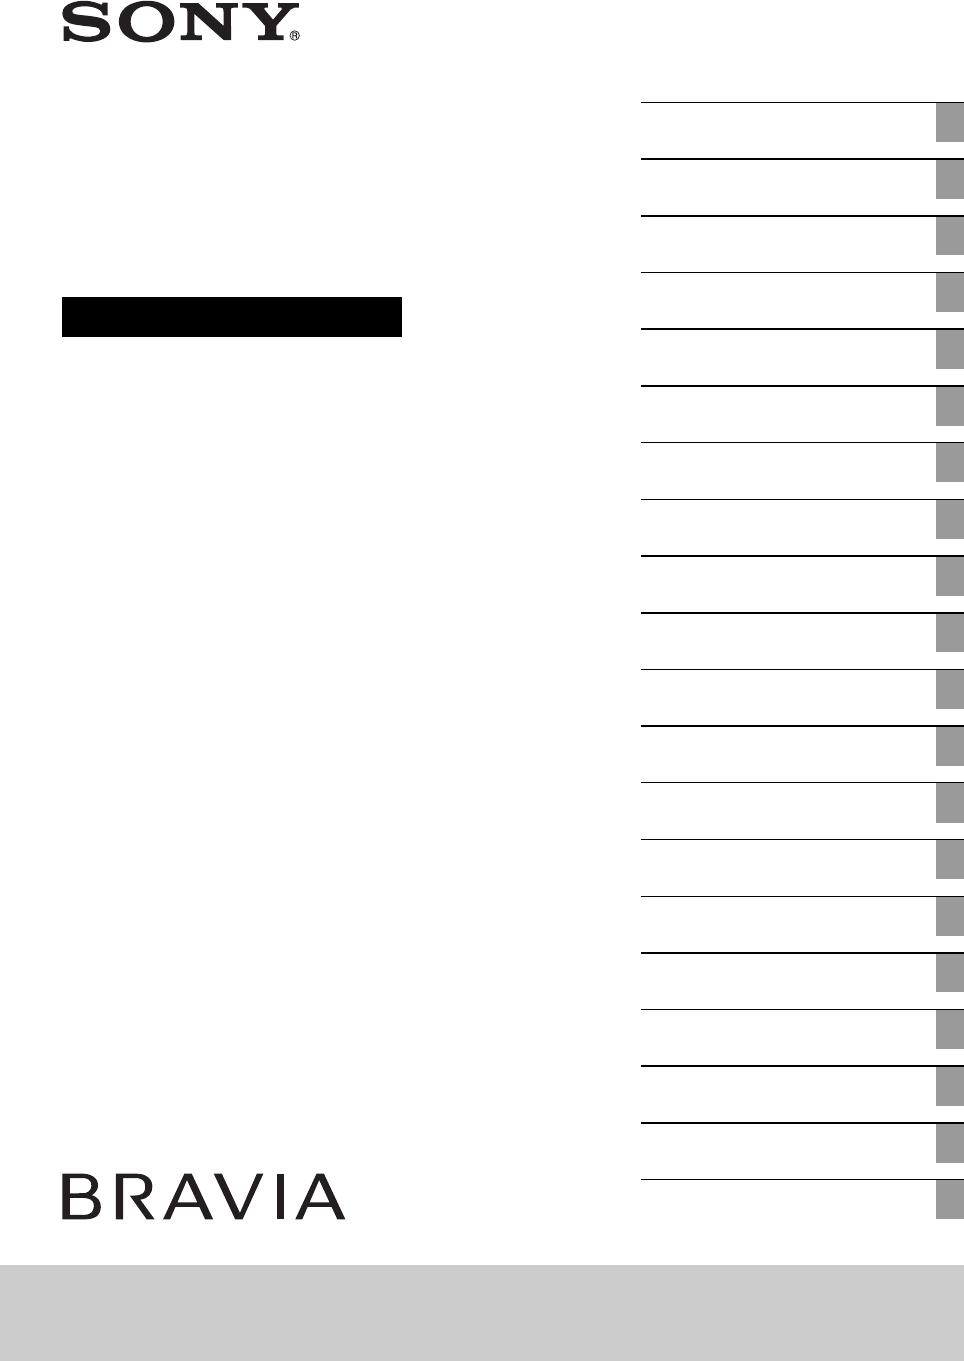 Инструкция Sony Bravia KDL-32BX340 (588 страницы)